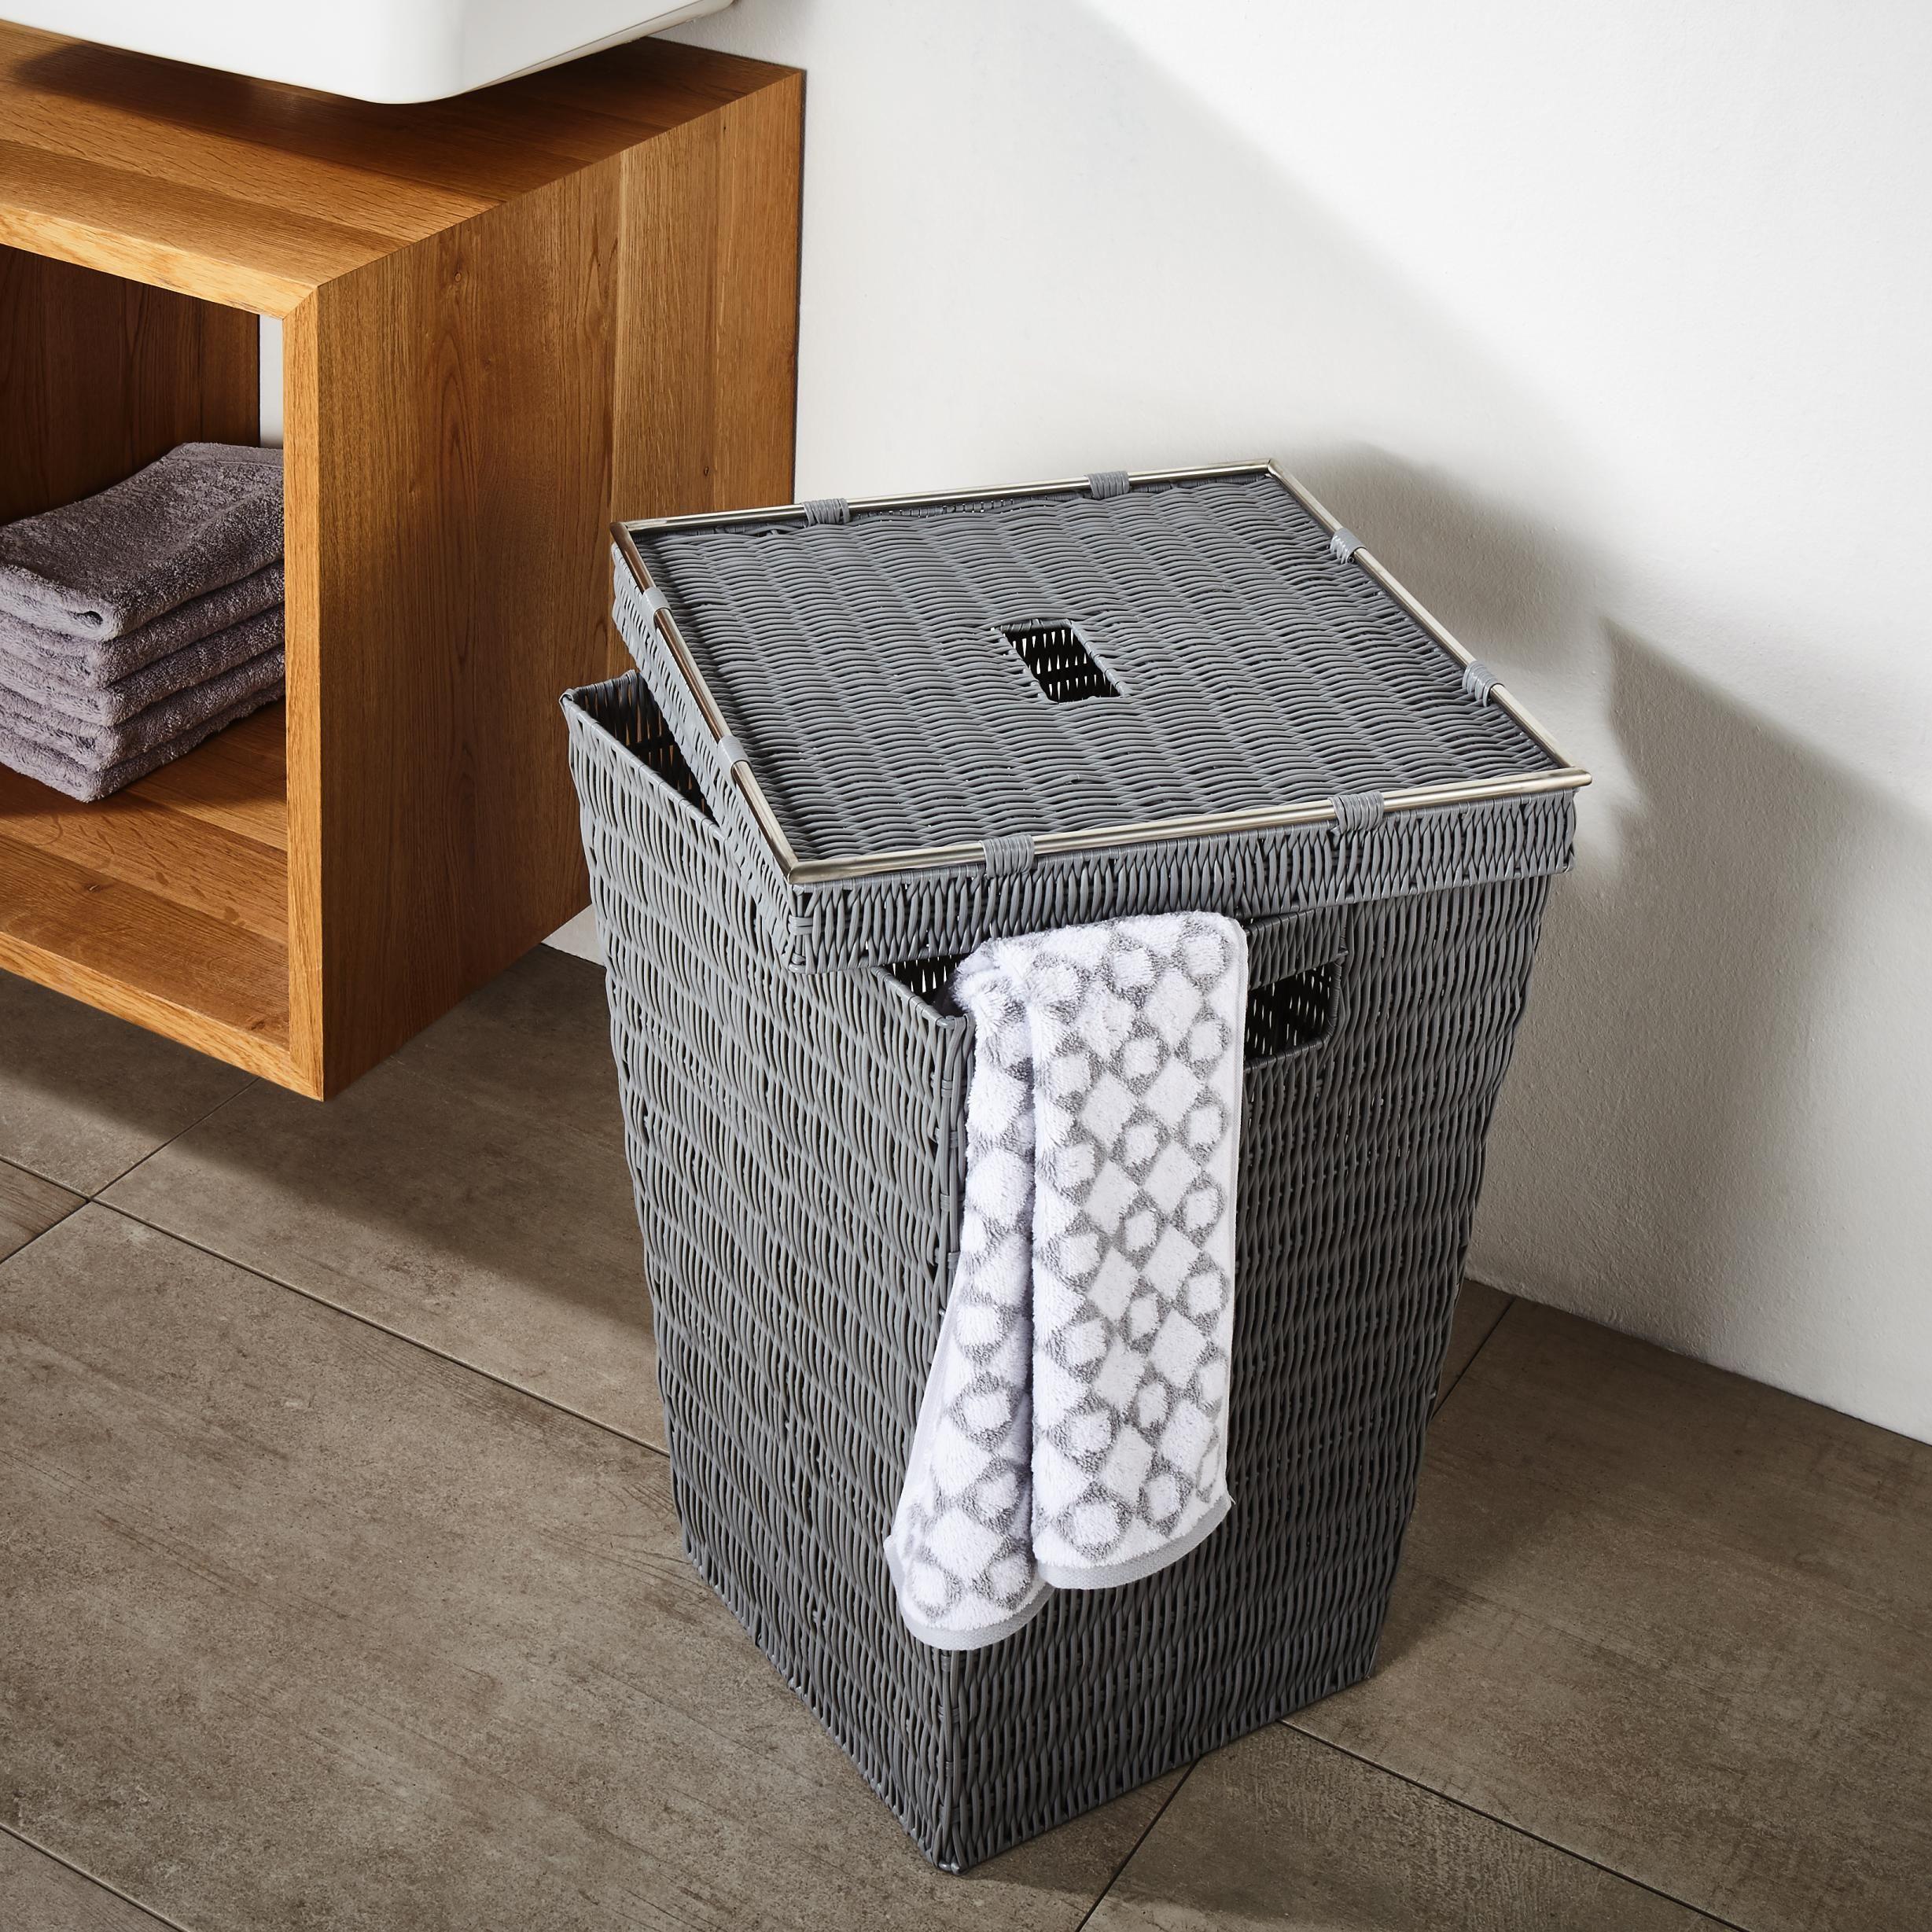 Mit Diesem Waschekorb Ganz Einfach Fur Mehr Ordnung Im Badezimmer Sorgen Getragene Wasche Kann Am Ende Des Tages Blick Waschetonne Waschekorb Getragene Wasche